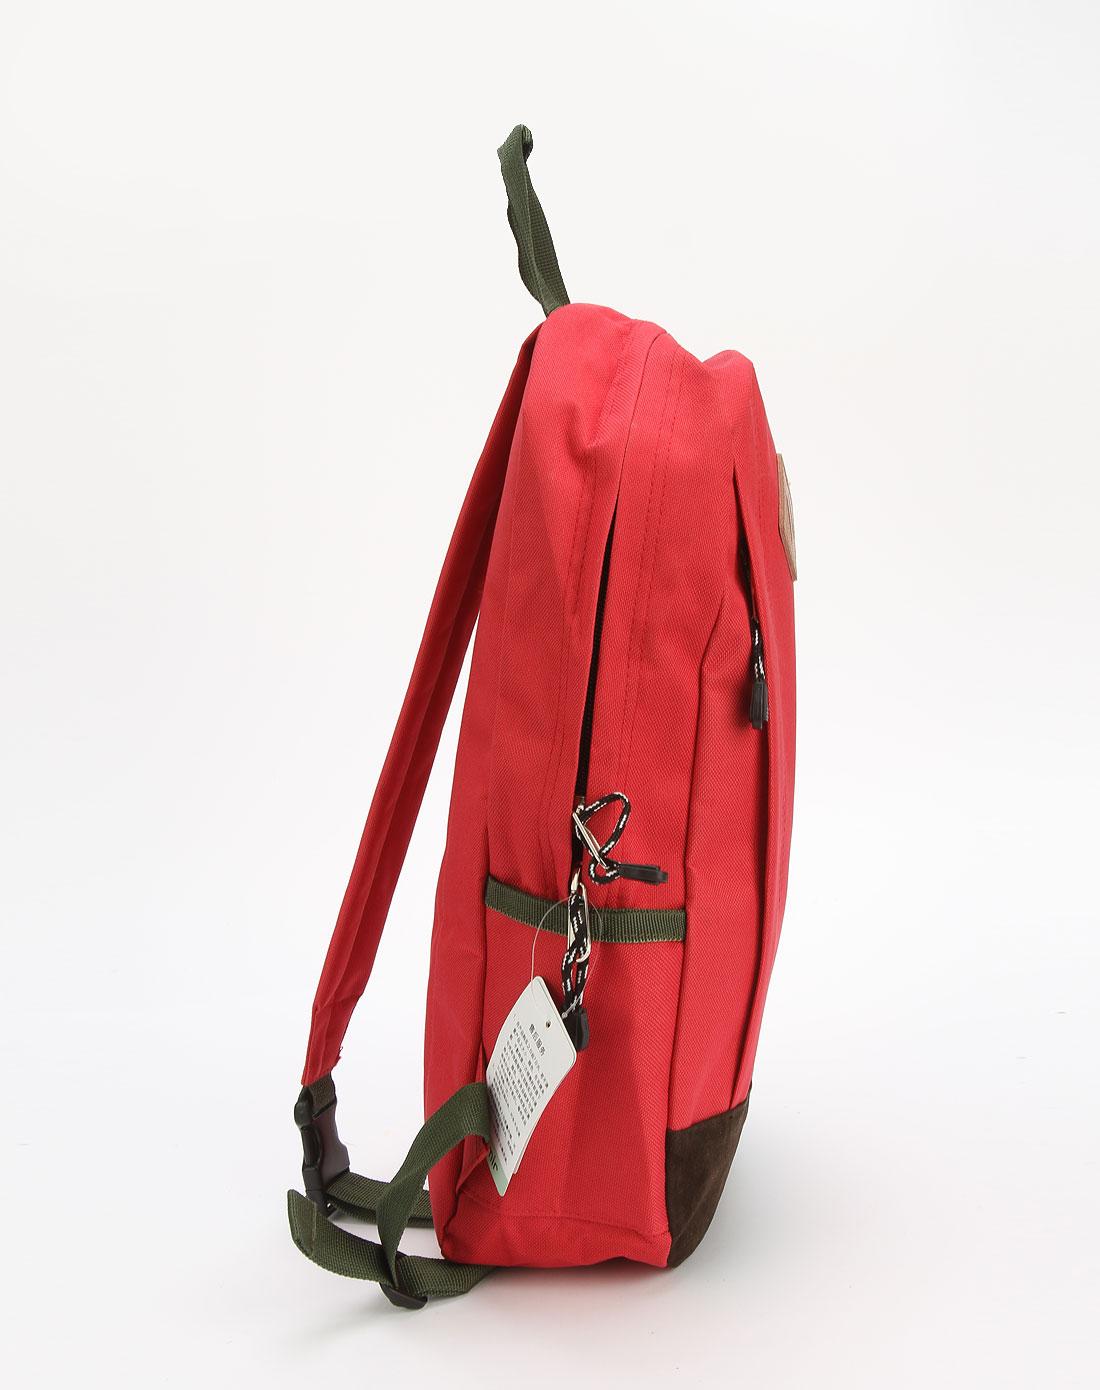 中国红色单肩斜背包图片